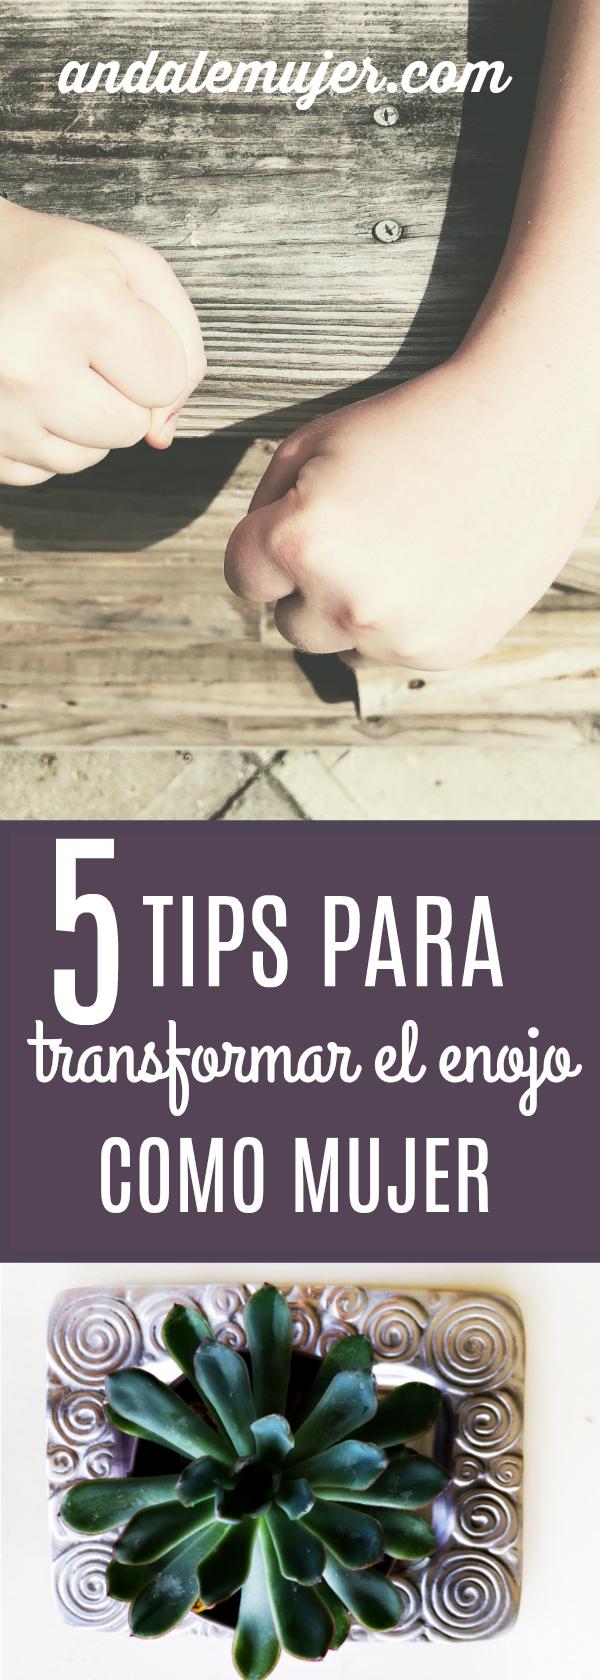 5 tips para transformar el enojo como mujer - ándalemujer.com. Como transformar una de las emociones más fuertes para fluir y usarlo positivamente.